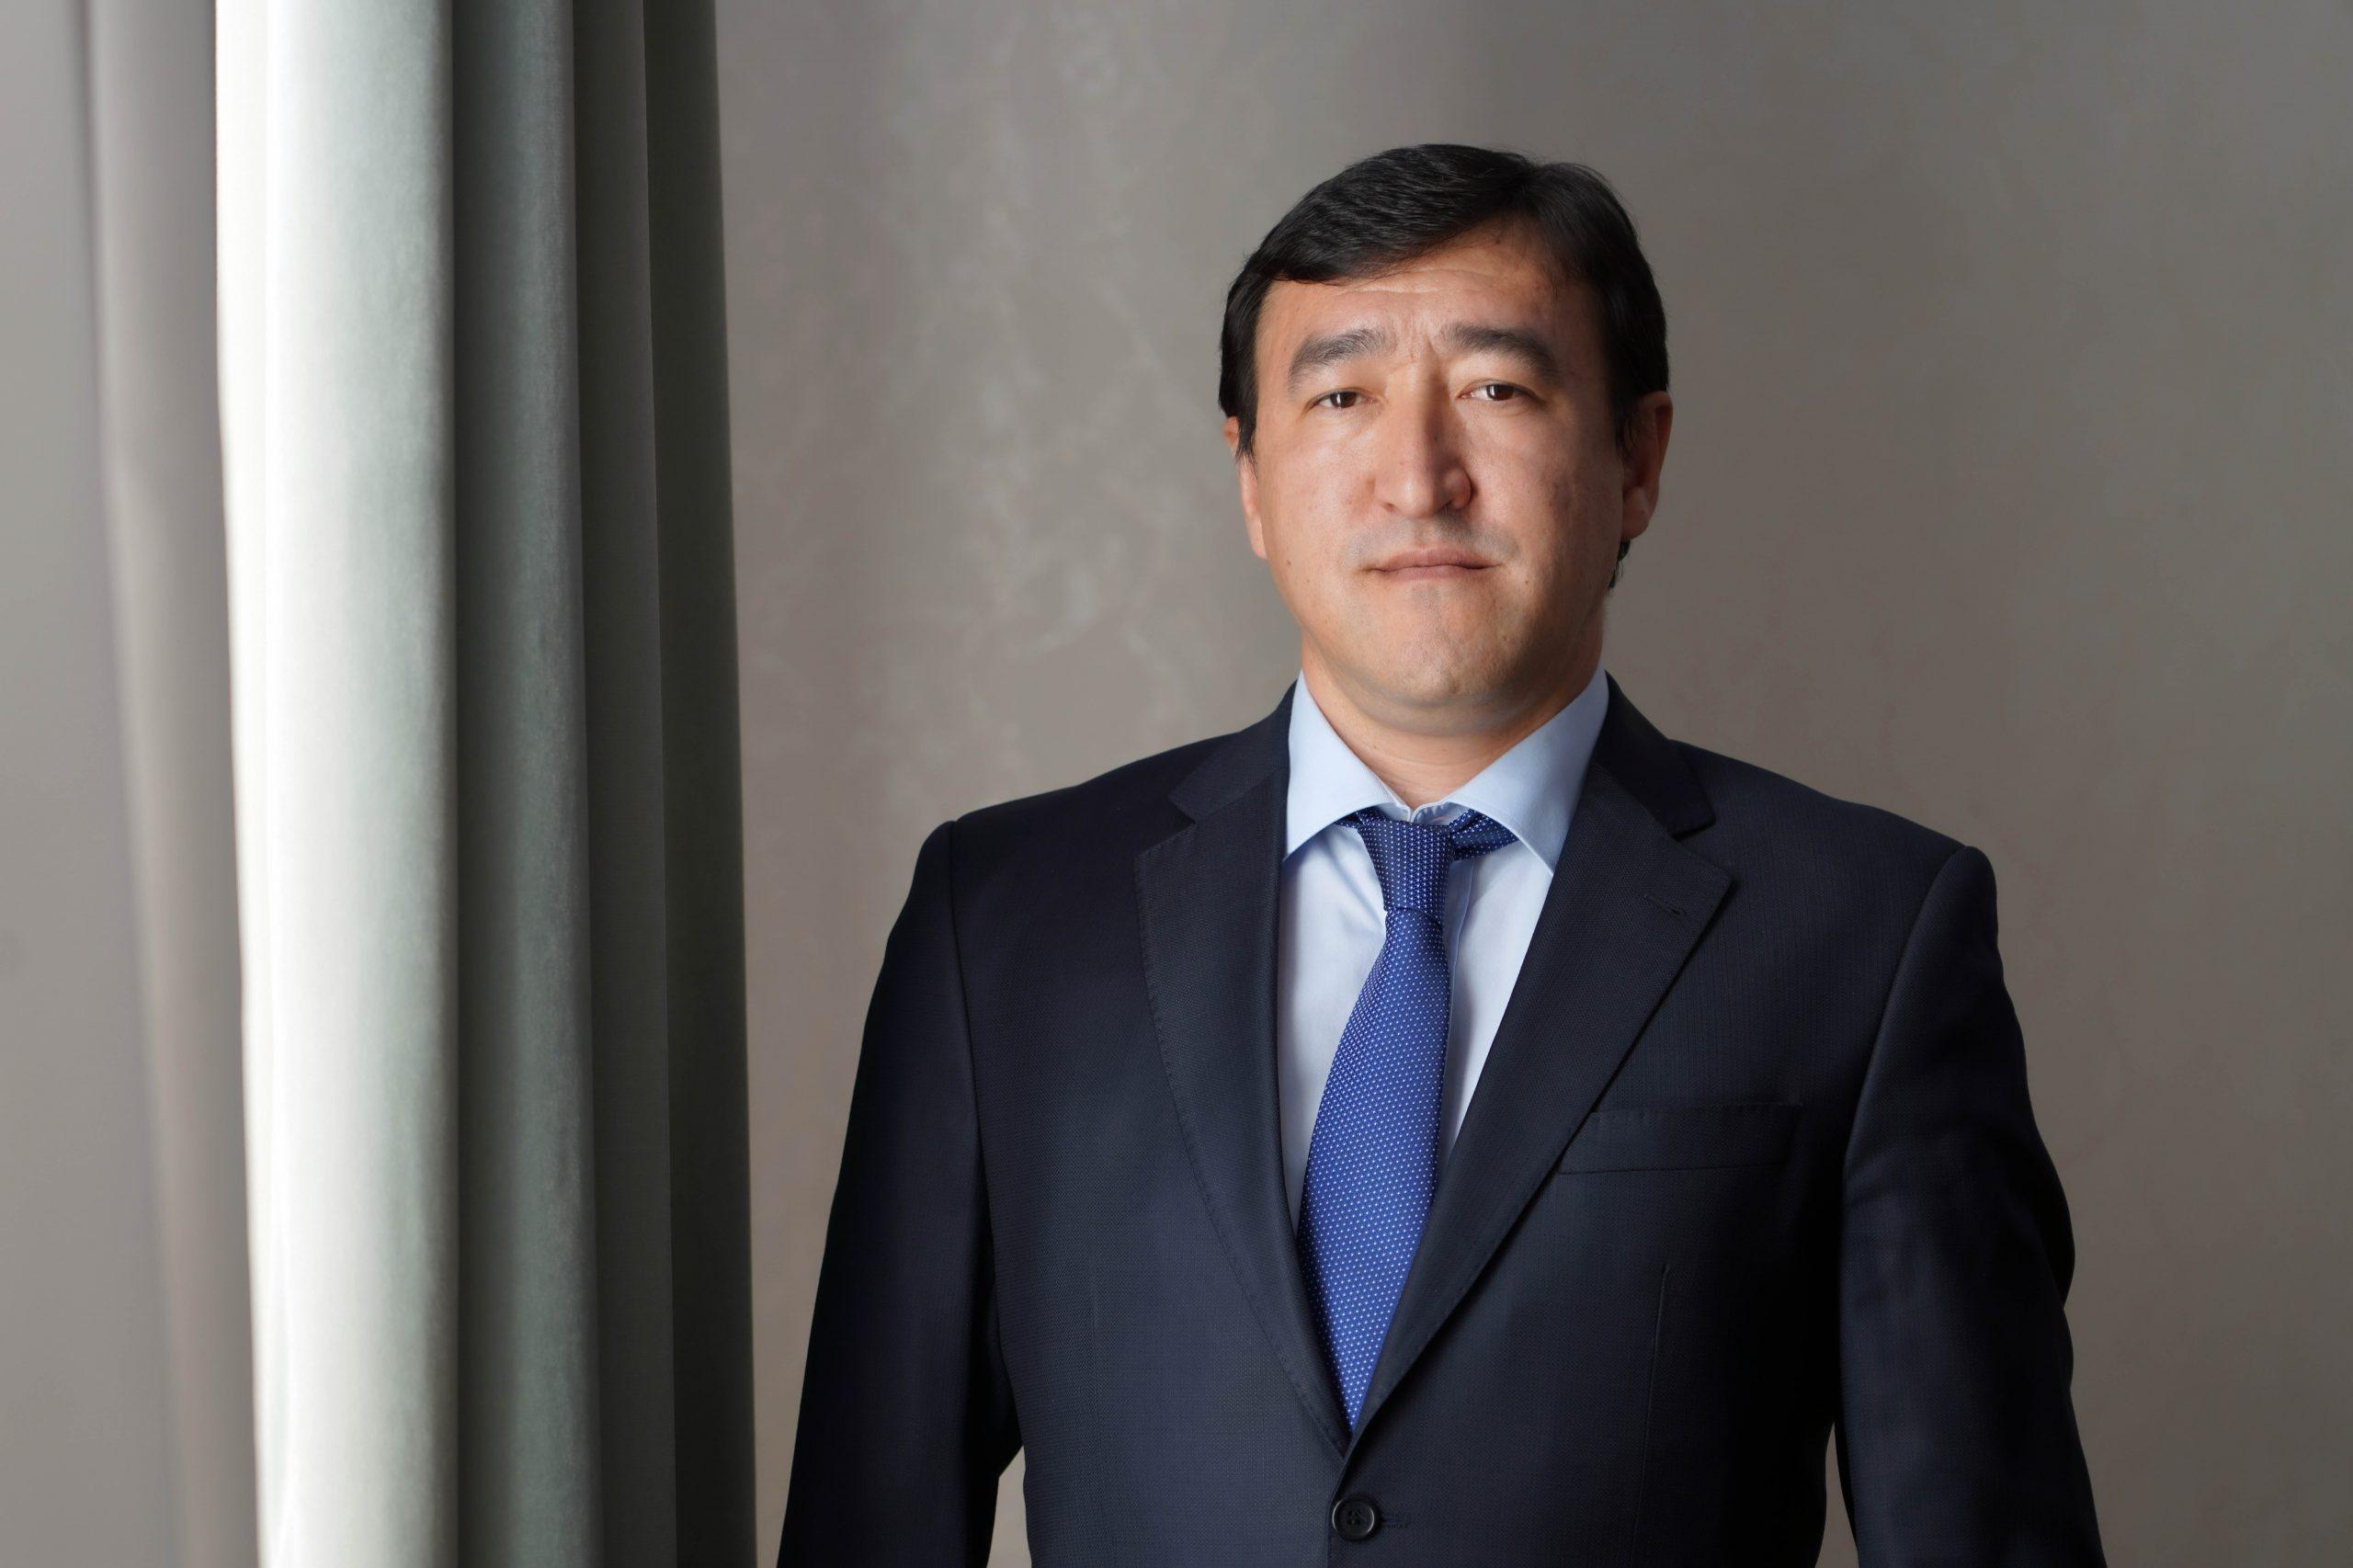 Что нас ждет на выборах 2021: на вопросы отвечает заместитель директора исследовательского института правовой политики при Минюсте